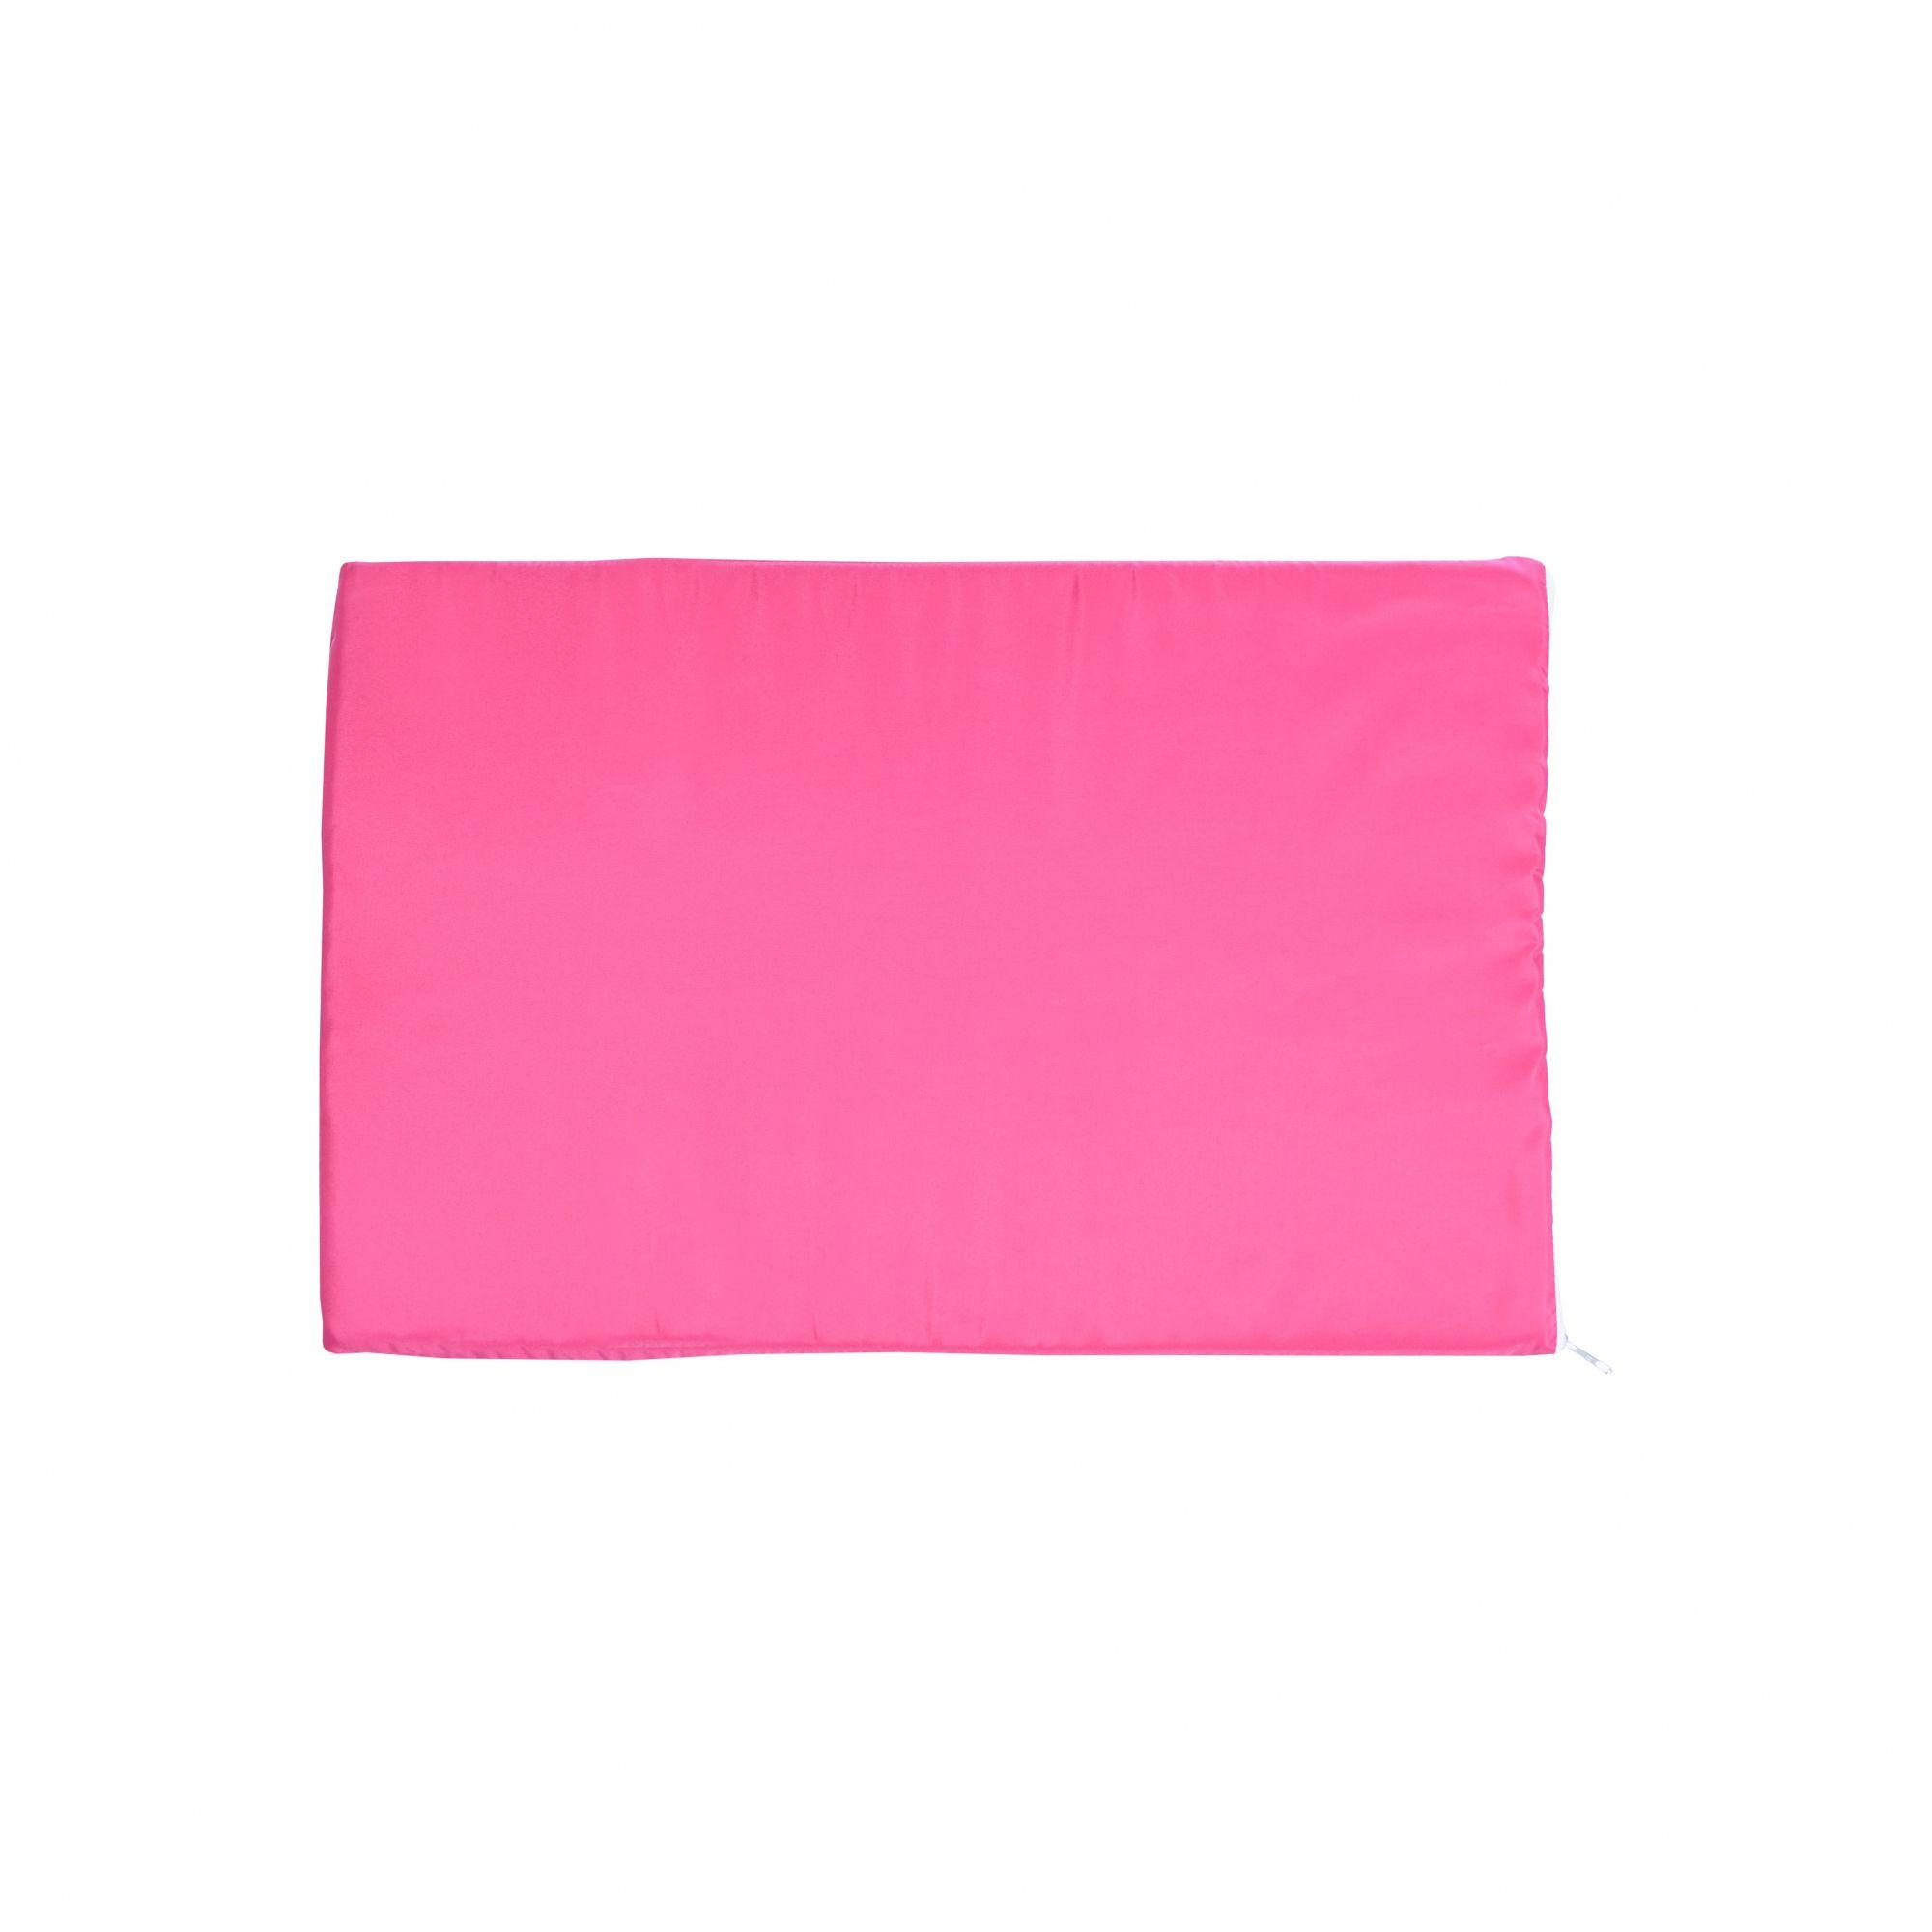 Kit Casinha Ecológica n. 03 com Colchonete Rosa e placa de nome